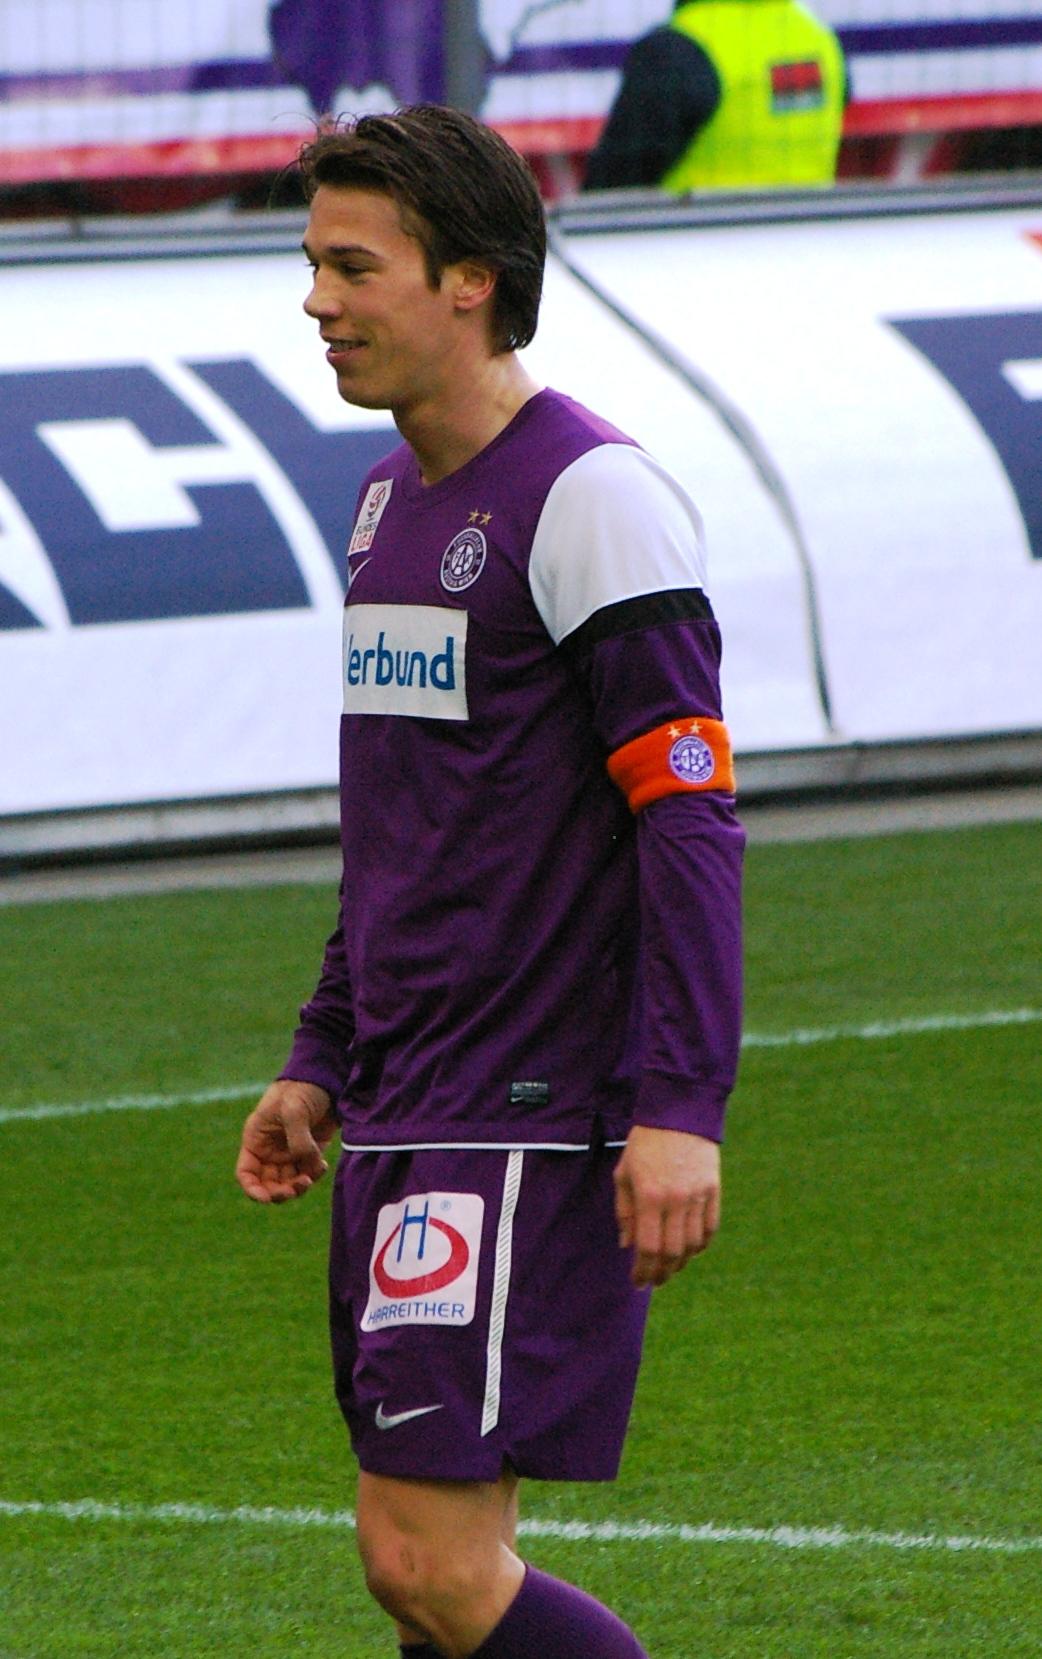 サッカー 選手 ローランド